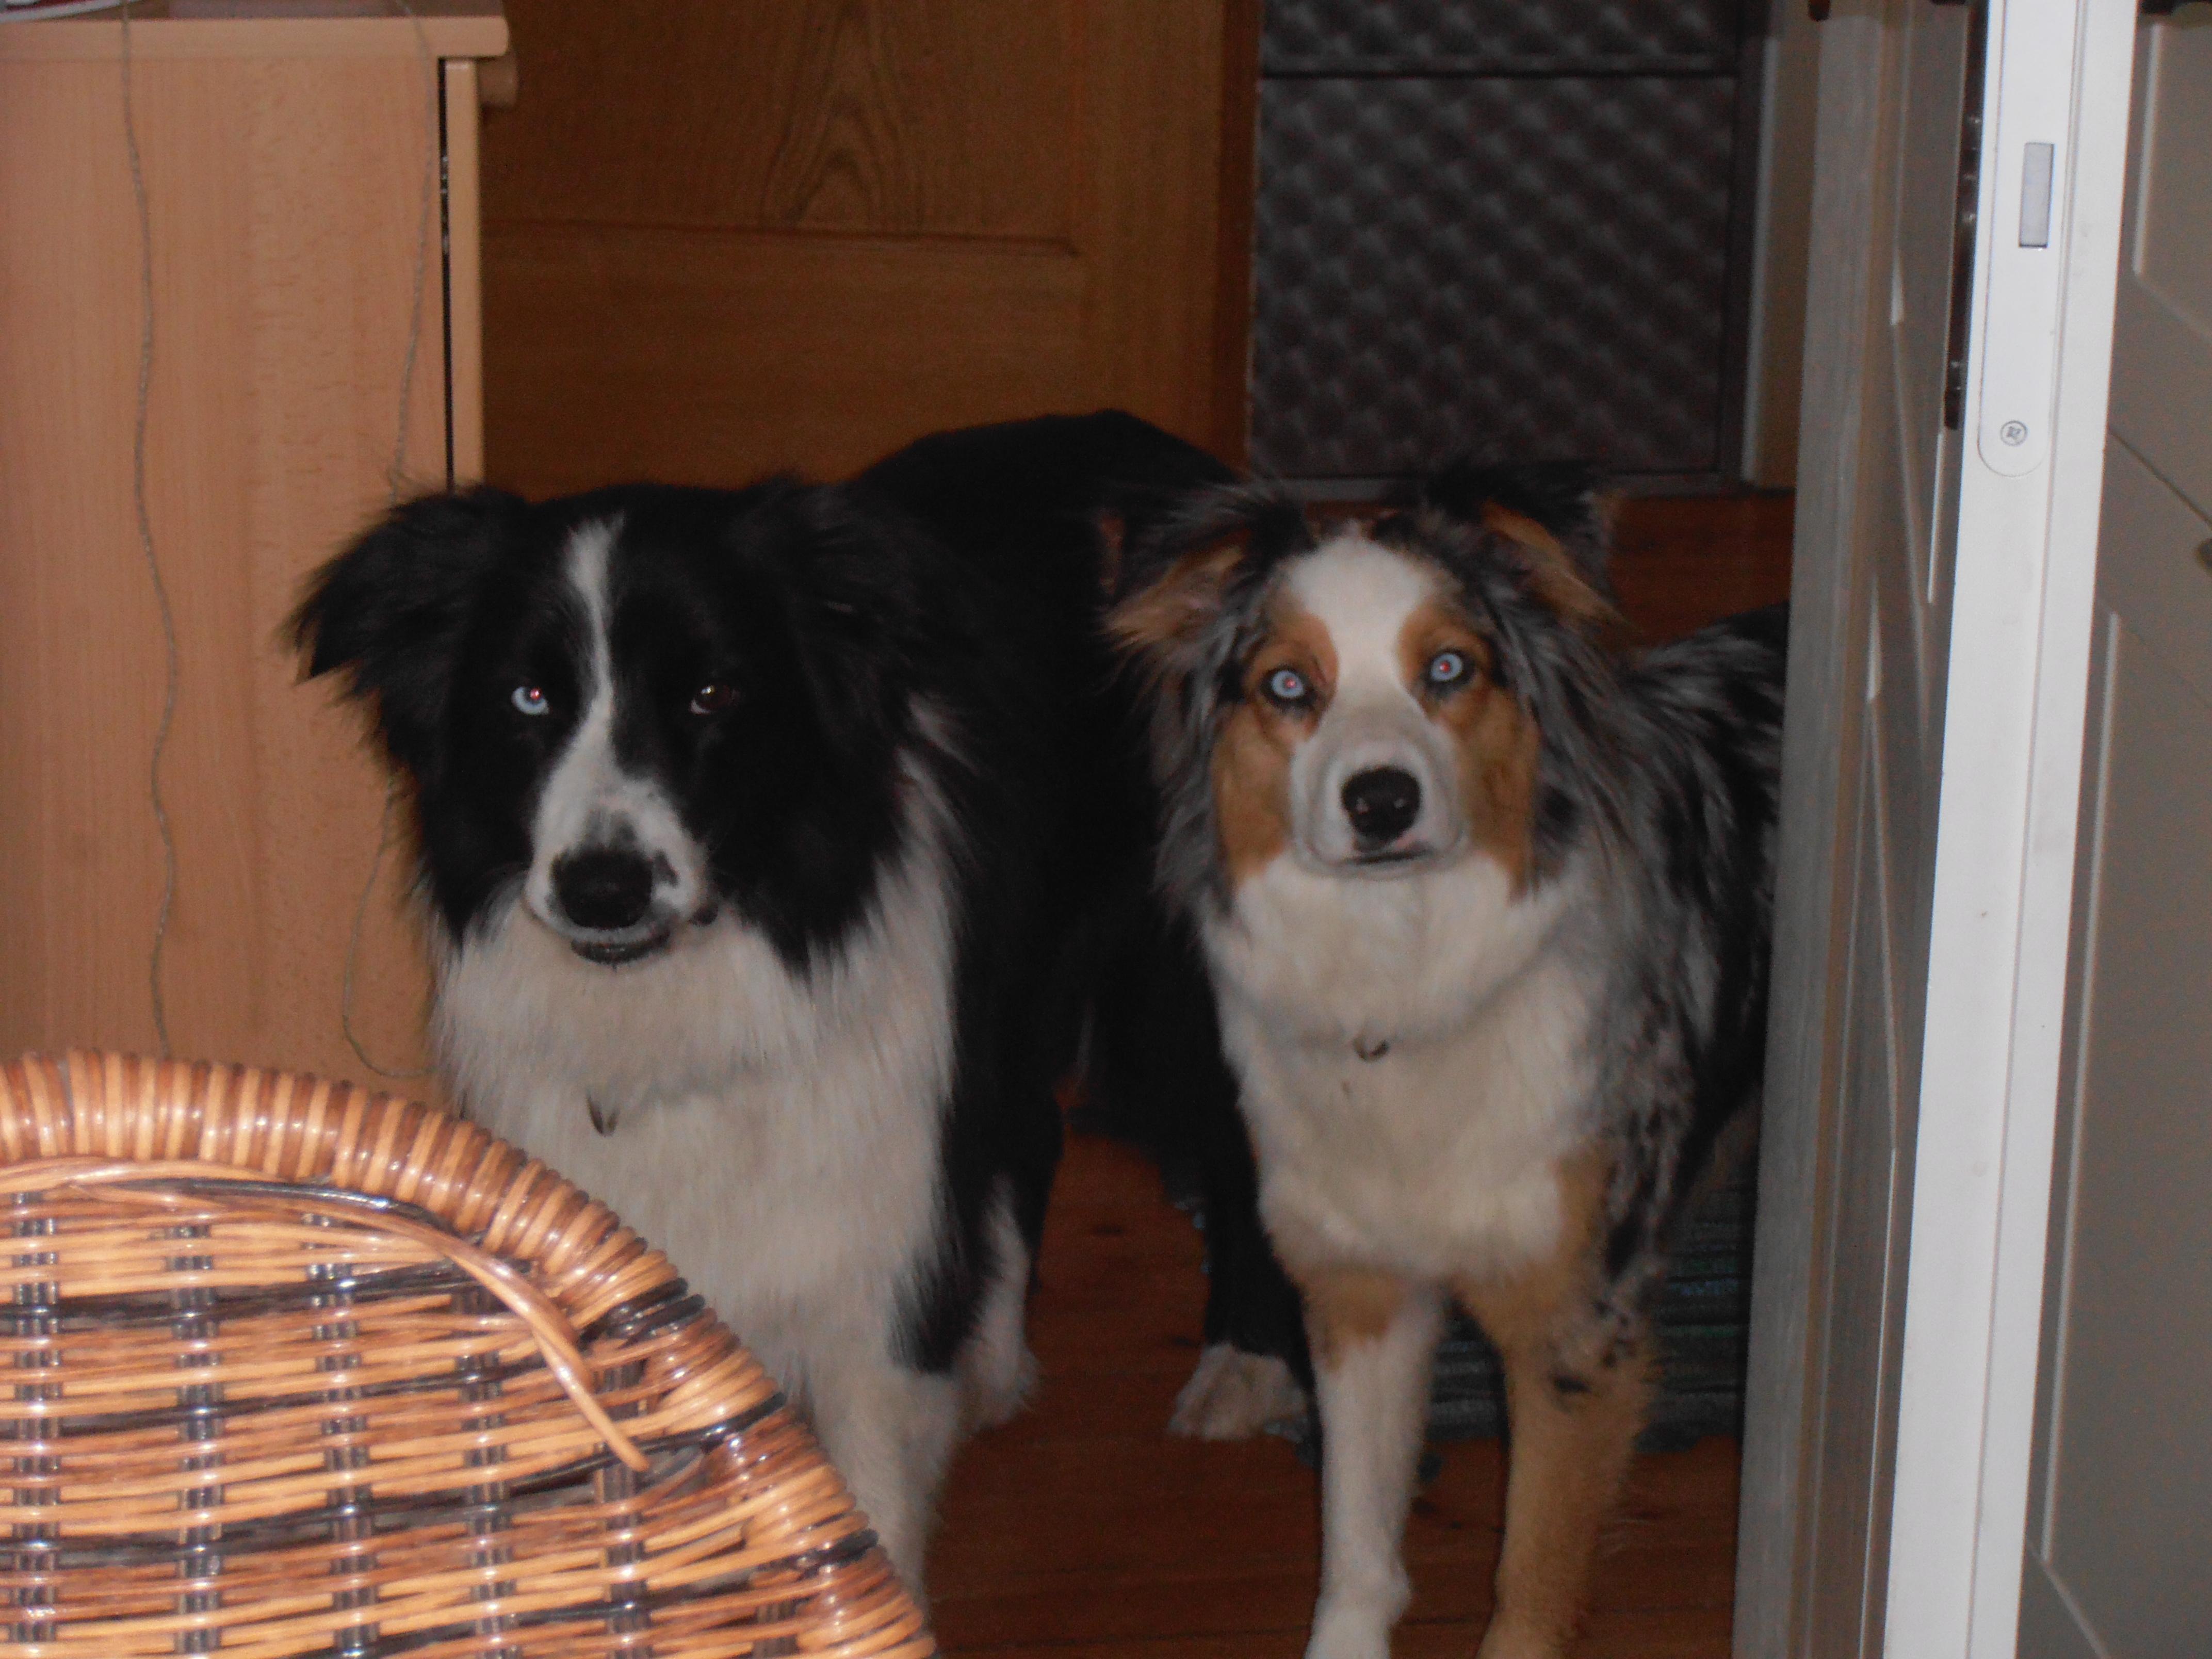 zwei Hunde in der Wohnungstür